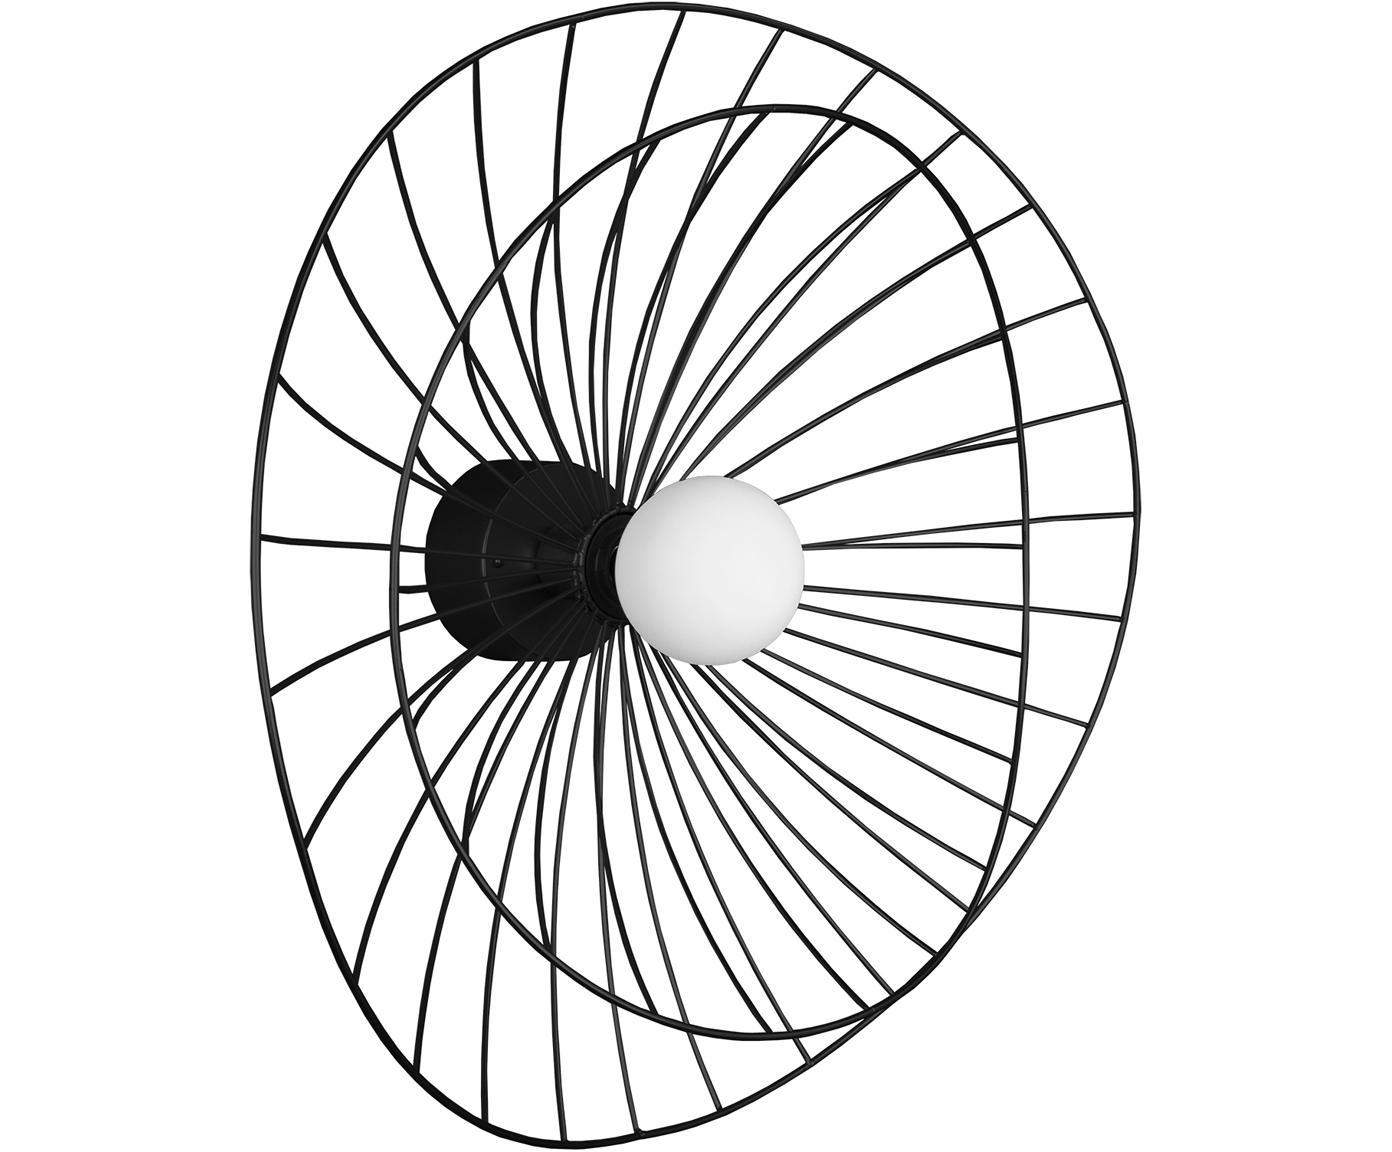 Design Wandleuchte Ray mit Stecker, Metall, Schwarz, Ø 60 x H 20 cm